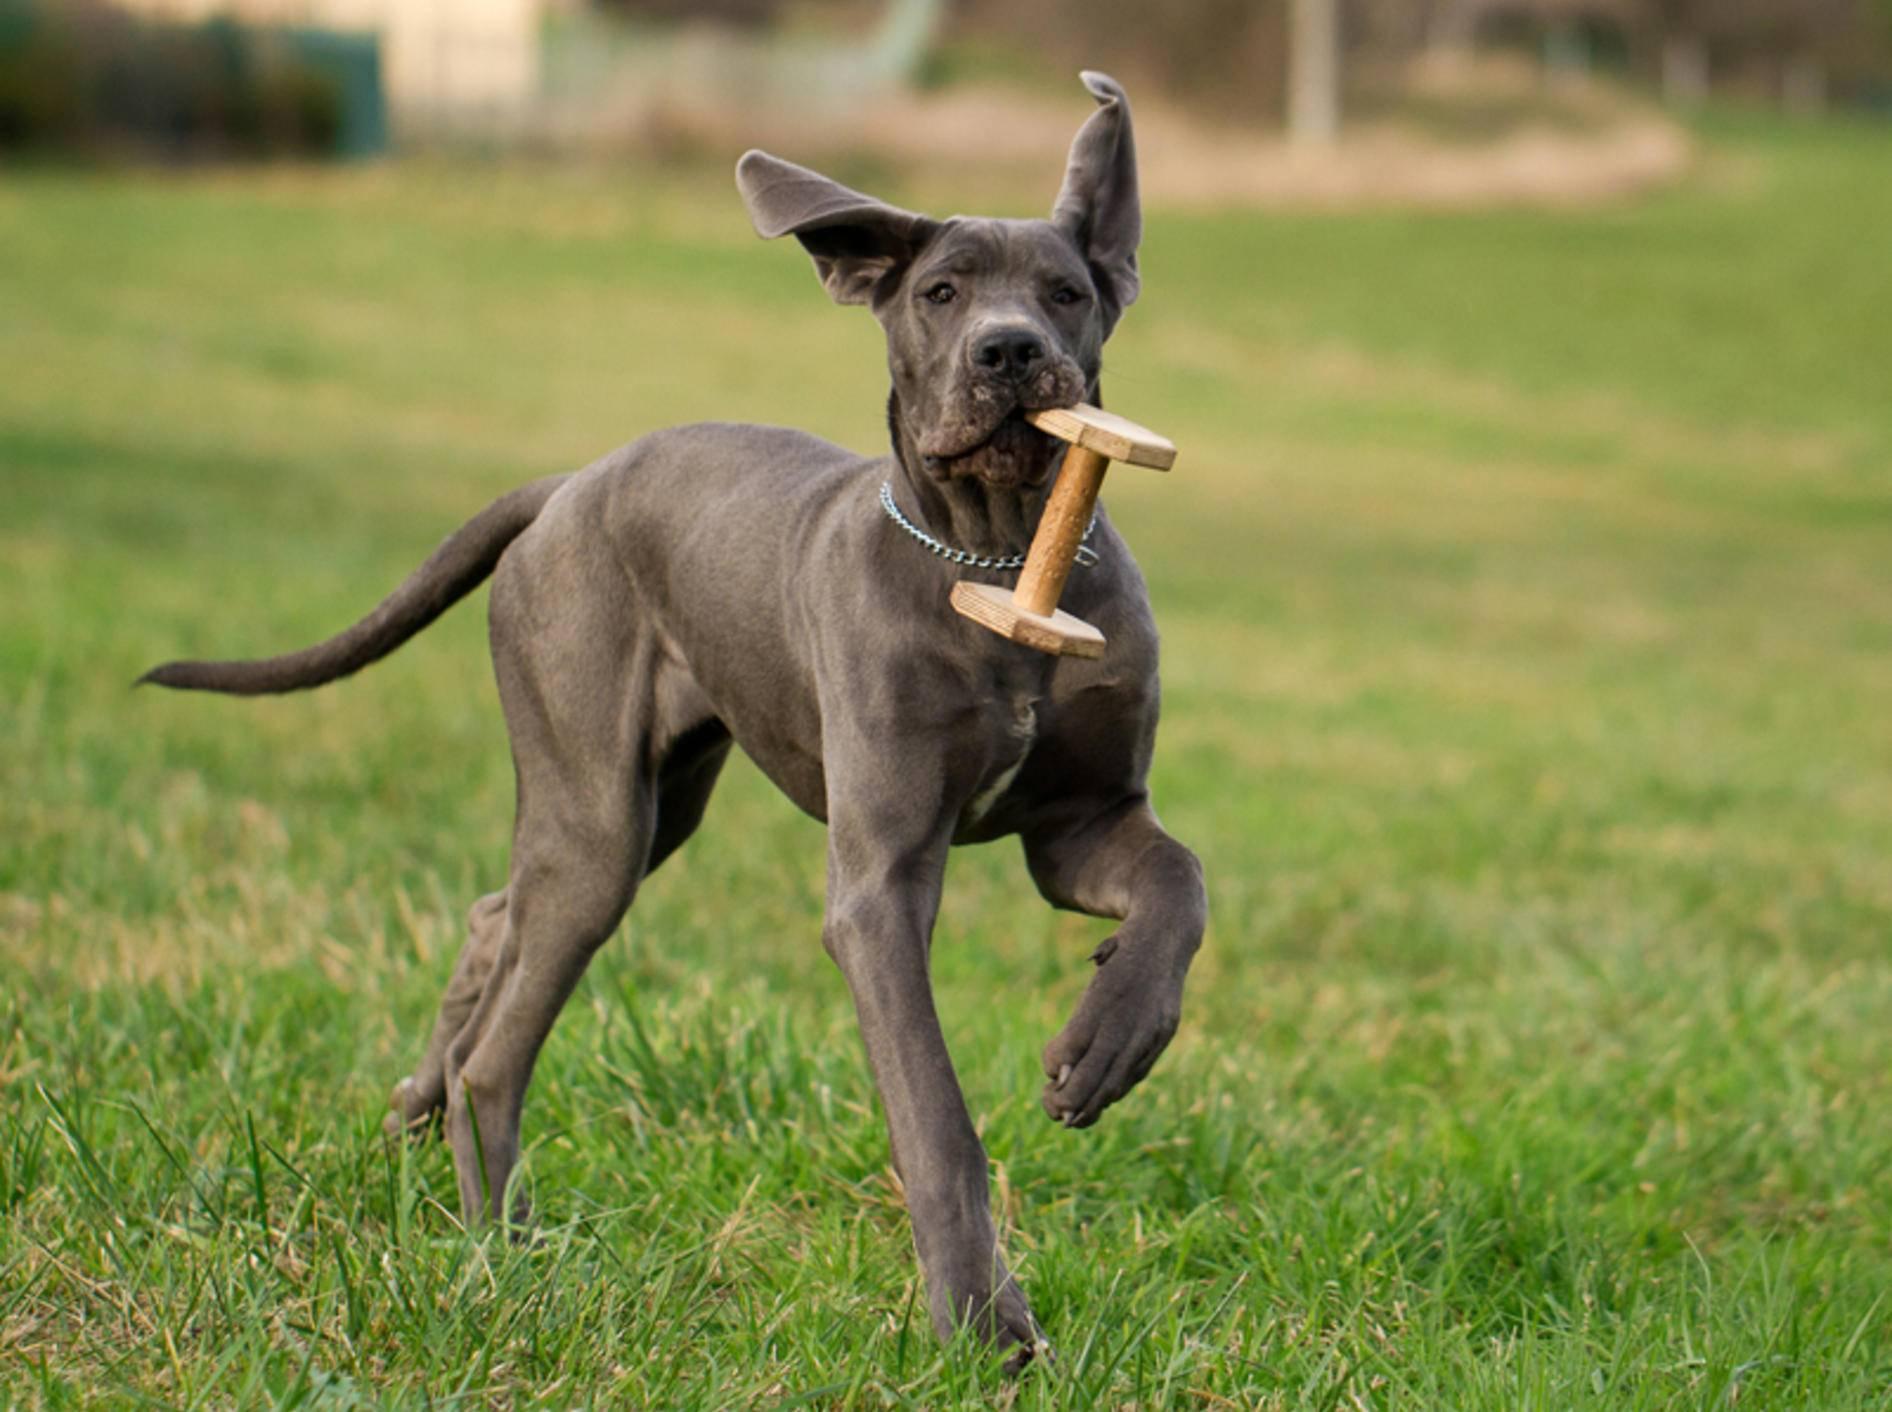 Die Dänische Dogge ist eine der größten Hunderassen der Welt – Bild: Shutterstock / MF Photo